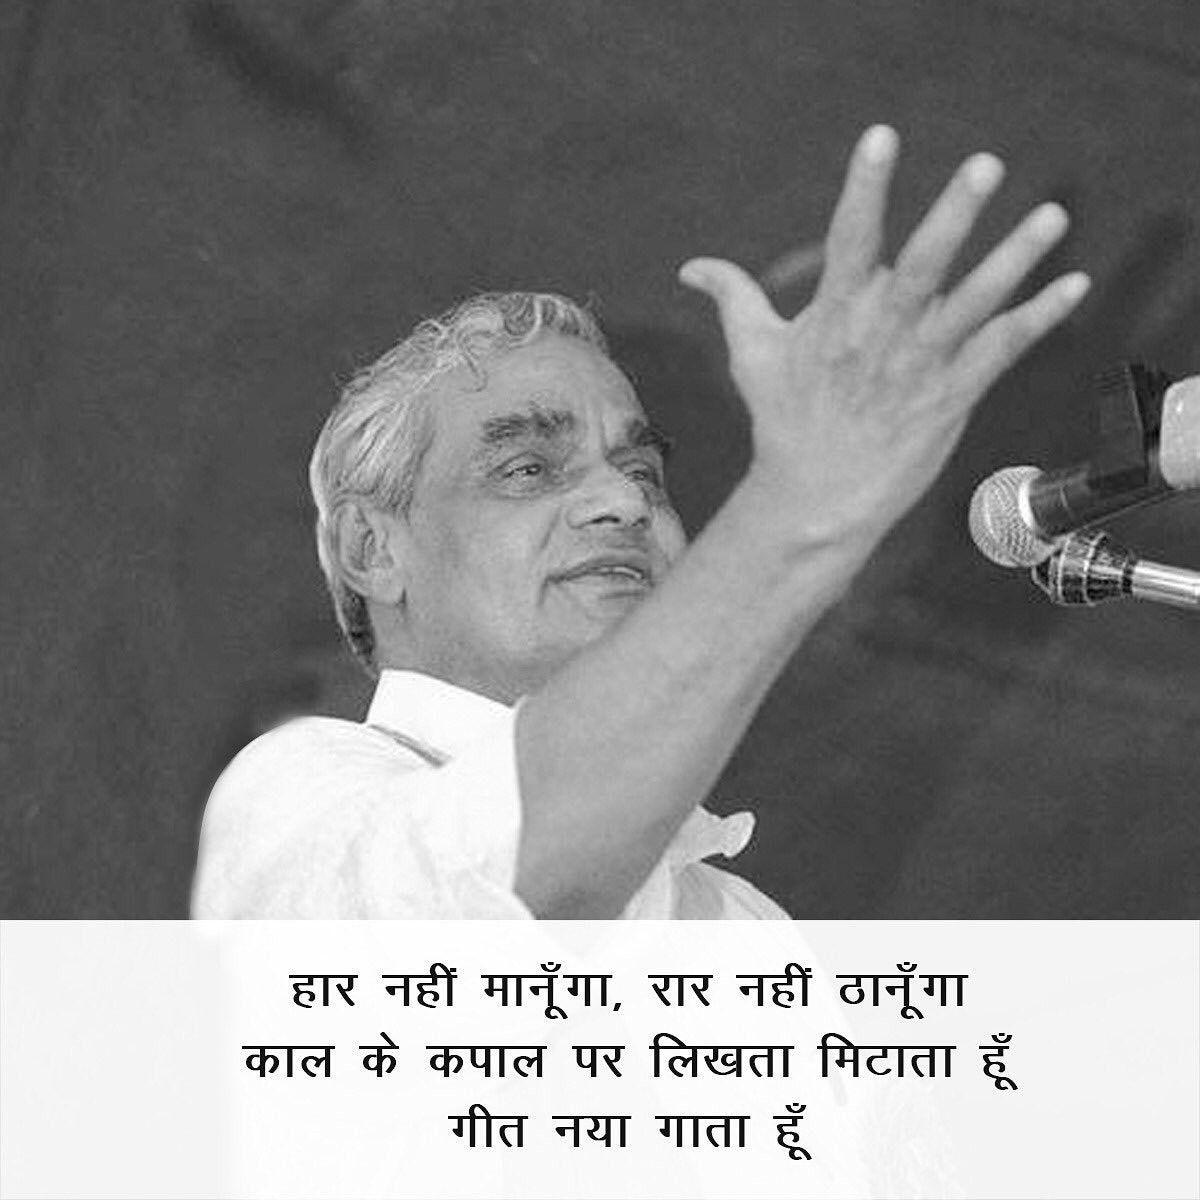 Hindi quotes by Narendra Lowanshi on Atal ji